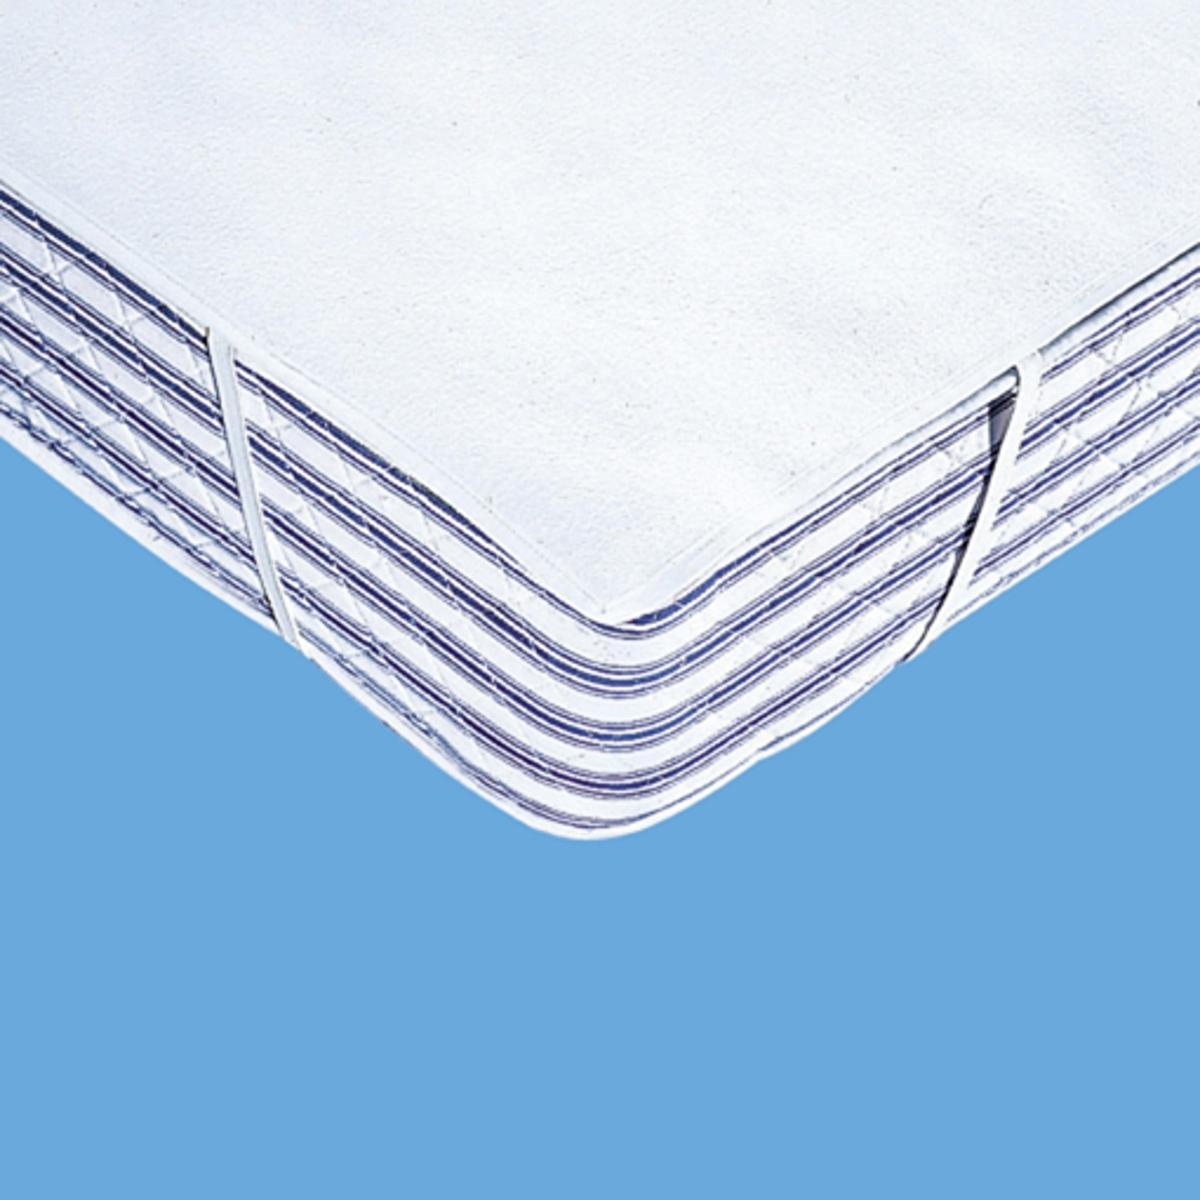 Чехол защитный на матрас из мольтона 220 г/м?Надежная защита для Ваших постельных принадлежностей и уникальный комфорт для Вас: этот чехол поглощает потоотделения, выделение которых неизбежно во время сна, и защищает подушки и одеяла от появления разводов, скапливания бактерий и клещей.Очень удобный и прочный (220 г/м?) защитный чехол в виде простыни из нежного мольтона, 100% хлопок, (начес с двух сторон)Стирка при 95°С для идеальной гигиены, обработка от усадки ткани SANFOR. Изделие с биоцидной обработкой.4 угла на резинках. Качество VALEUR S?RE.<br><br>Цвет: белый<br>Размер: 140 x 200 см.160 x 200 см